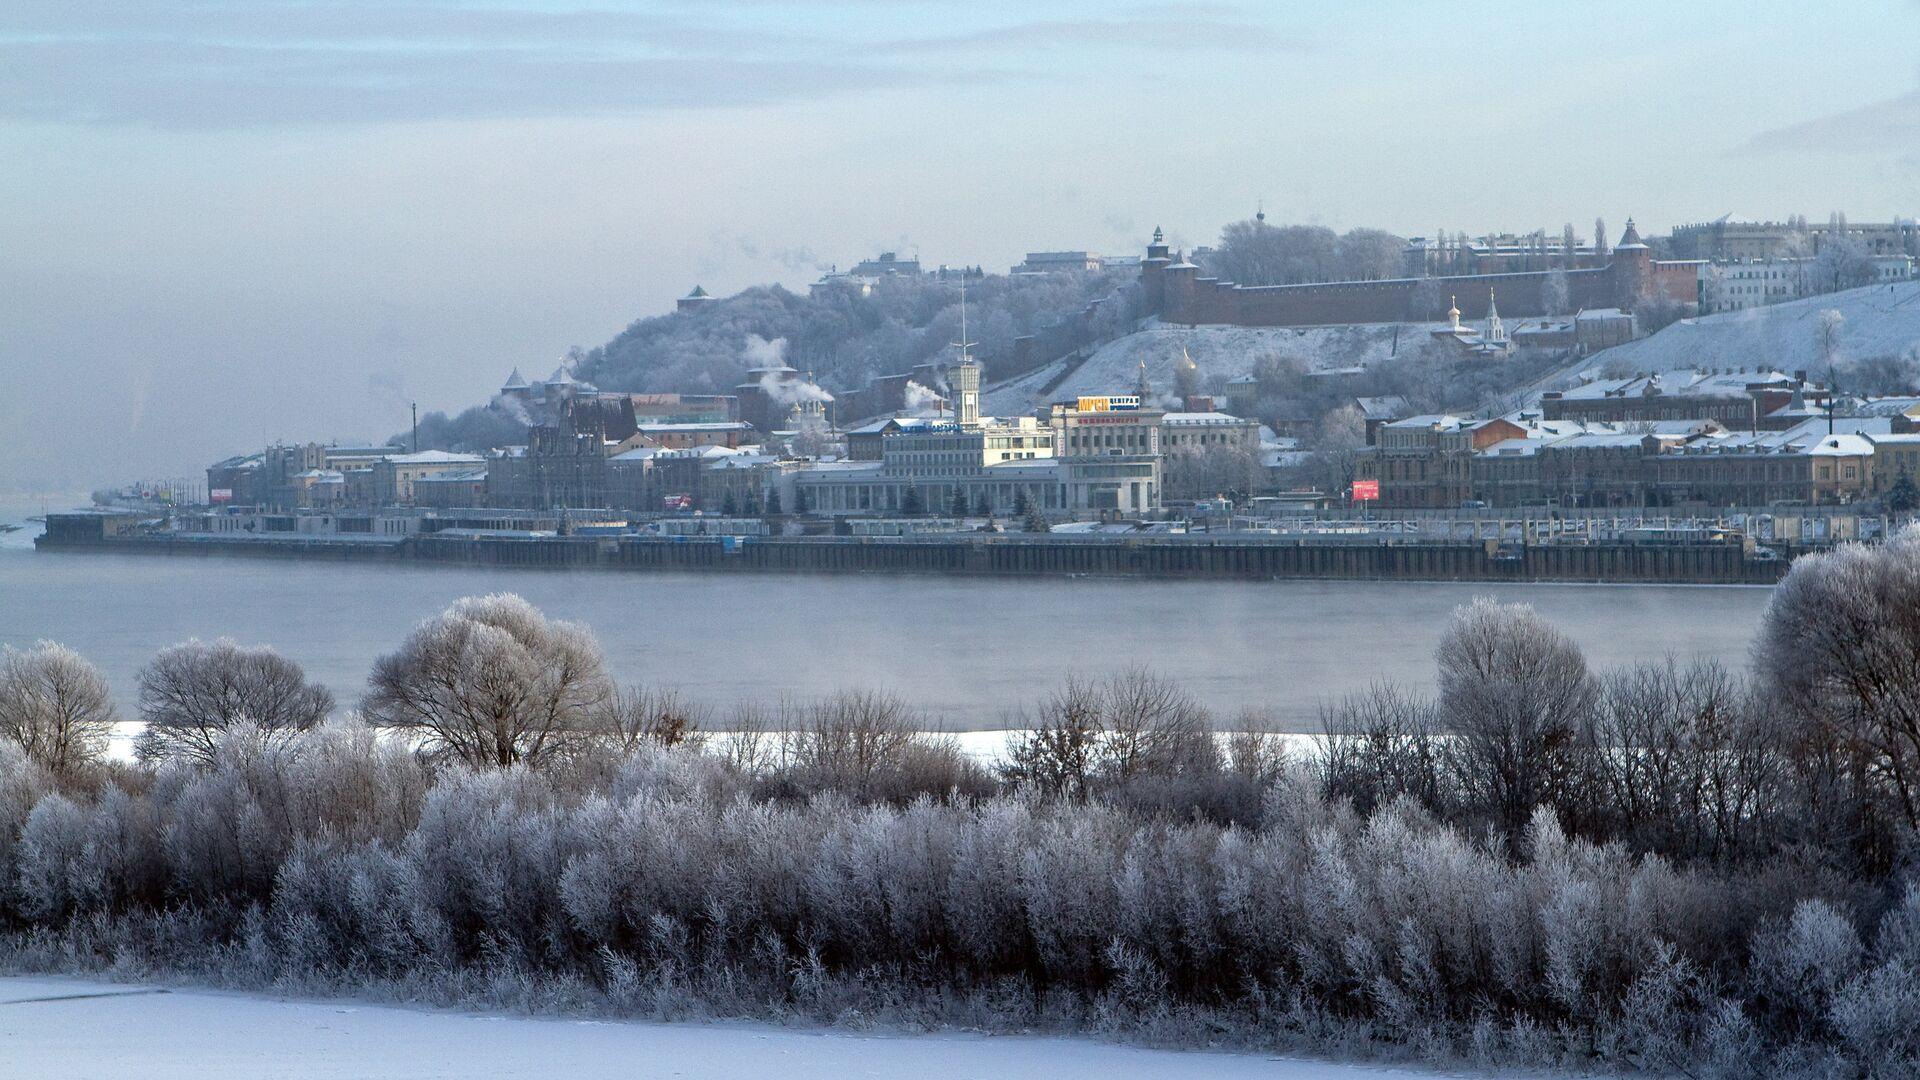 Нижний Новгород - РИА Новости, 1920, 03.12.2020